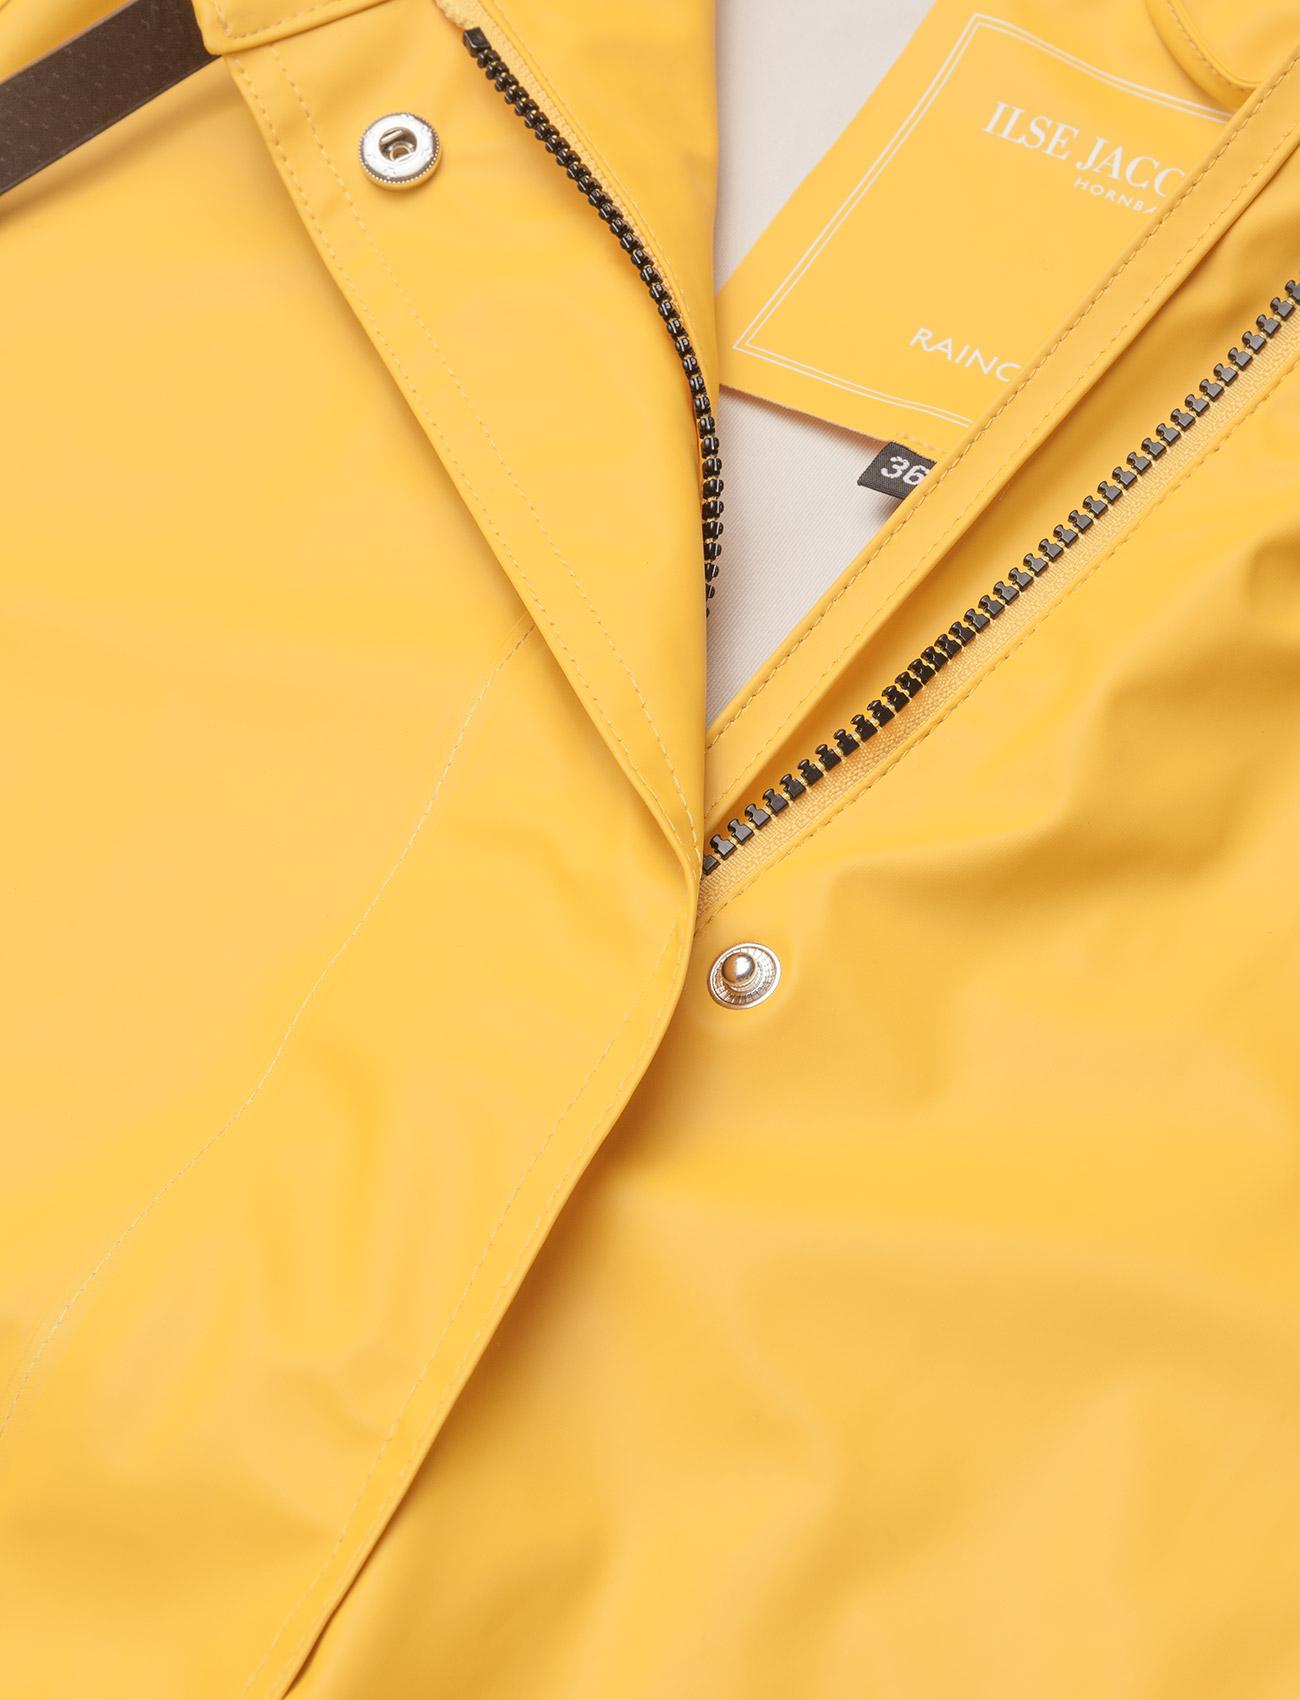 Jacobsen Jacobsen Jacobsen YellowIlse Raincoatcyber Jacobsen YellowIlse YellowIlse YellowIlse Raincoatcyber Raincoatcyber Jacobsen Raincoatcyber Raincoatcyber YellowIlse yv67gIYbf